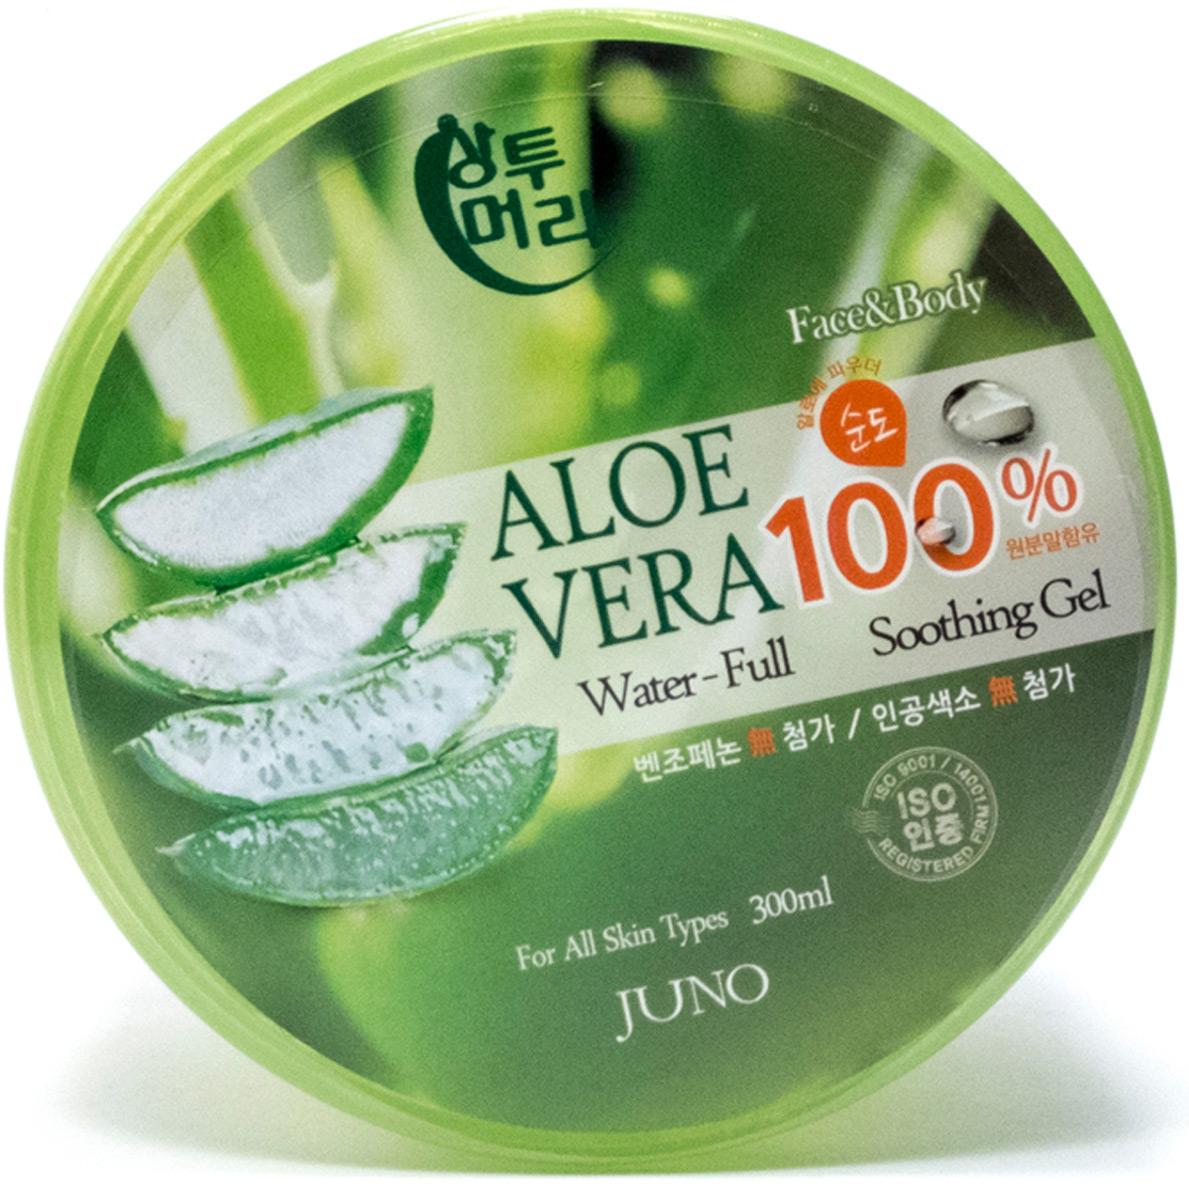 Мыло с отшелушивающим эффектом с зеленым чаем, 150 мл, Juno840156Отшелушивающее мыло с зеленым чаем. Зеленый чай содержит множество полезных ингредиентов для вашей кожи, мягко удаляет кожное сало, загрязнения и улучшает эластичность кожи.Мыло не раздражает кожу. При производстве не использовались химические добавки, а лишь натуральные масла и природные компоненты.